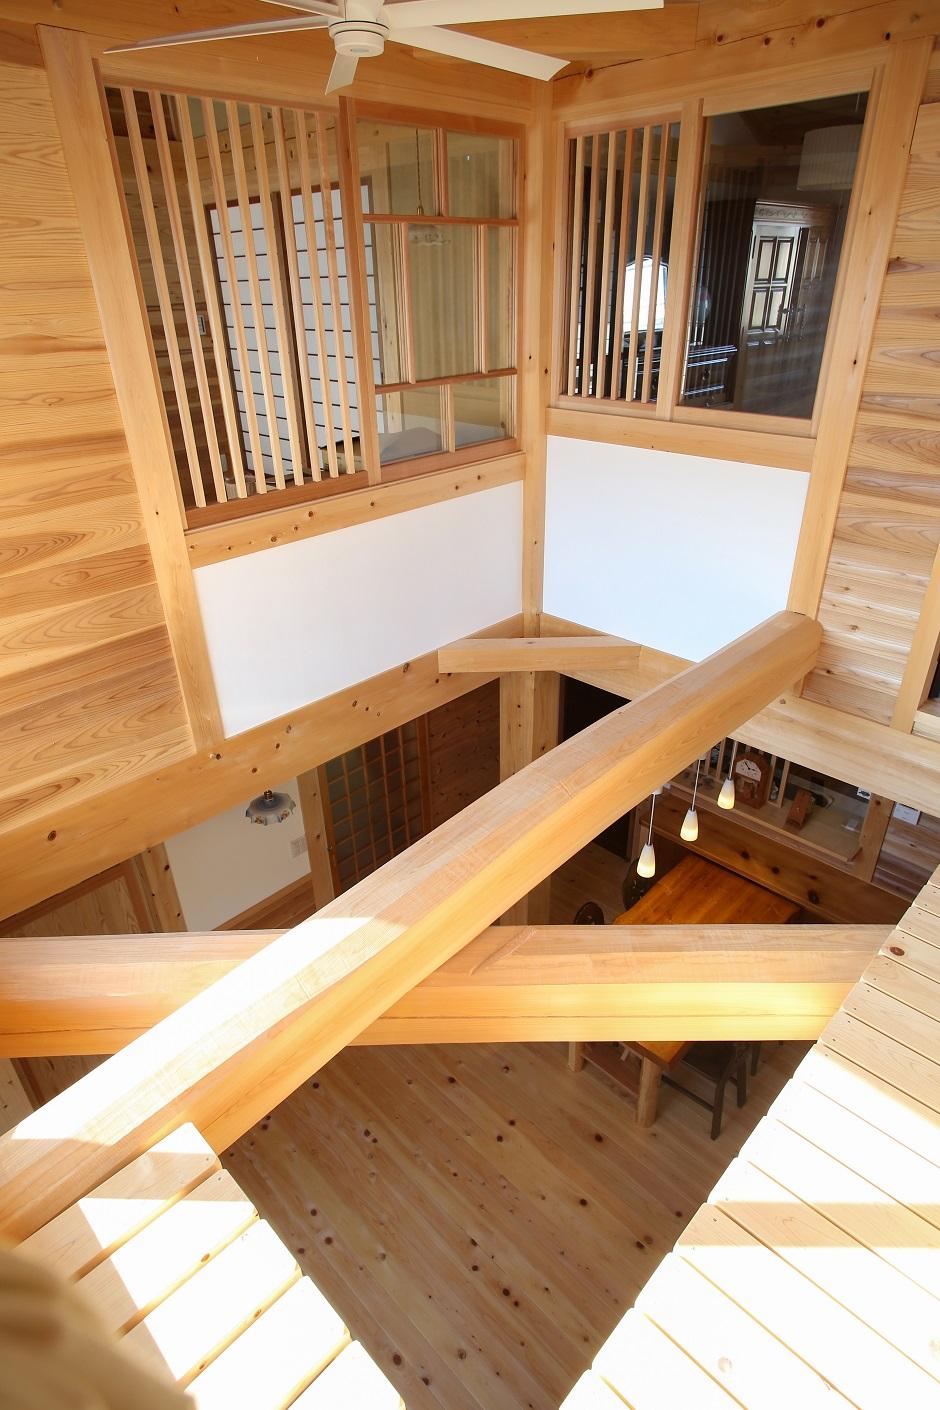 ほるくす【和風、自然素材、ペット】2階の納戸は猫の部屋。行き来できるキャットウォークで遊んだり、部屋でのんびり過ごしたりと自由気まま